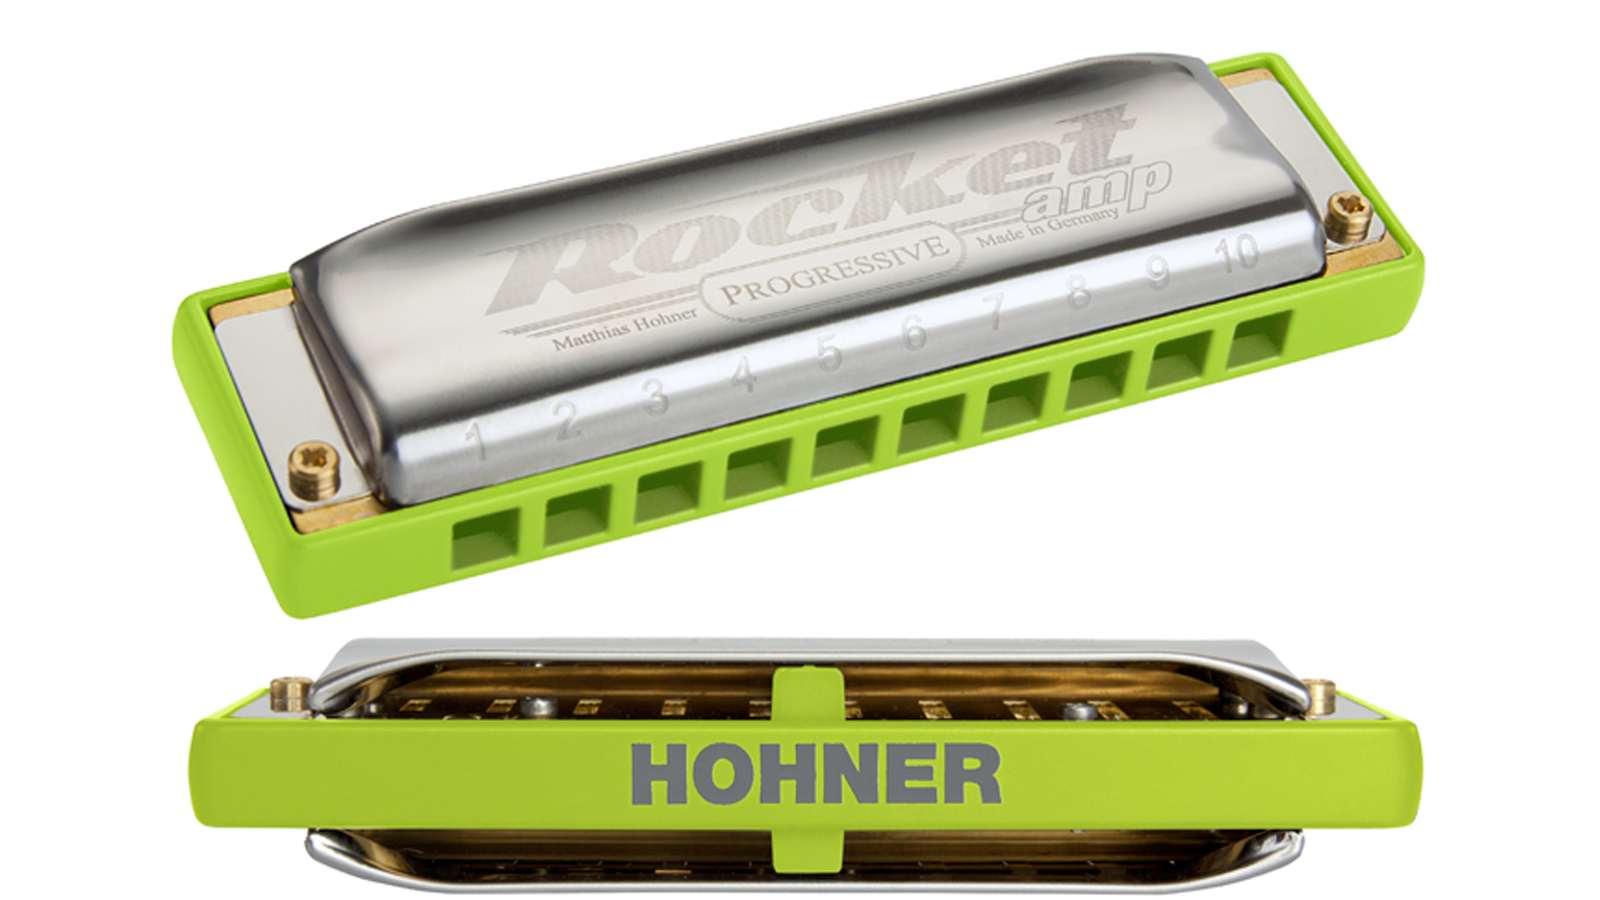 Hohner Rocket-Amp C-Dur Mundharmonika